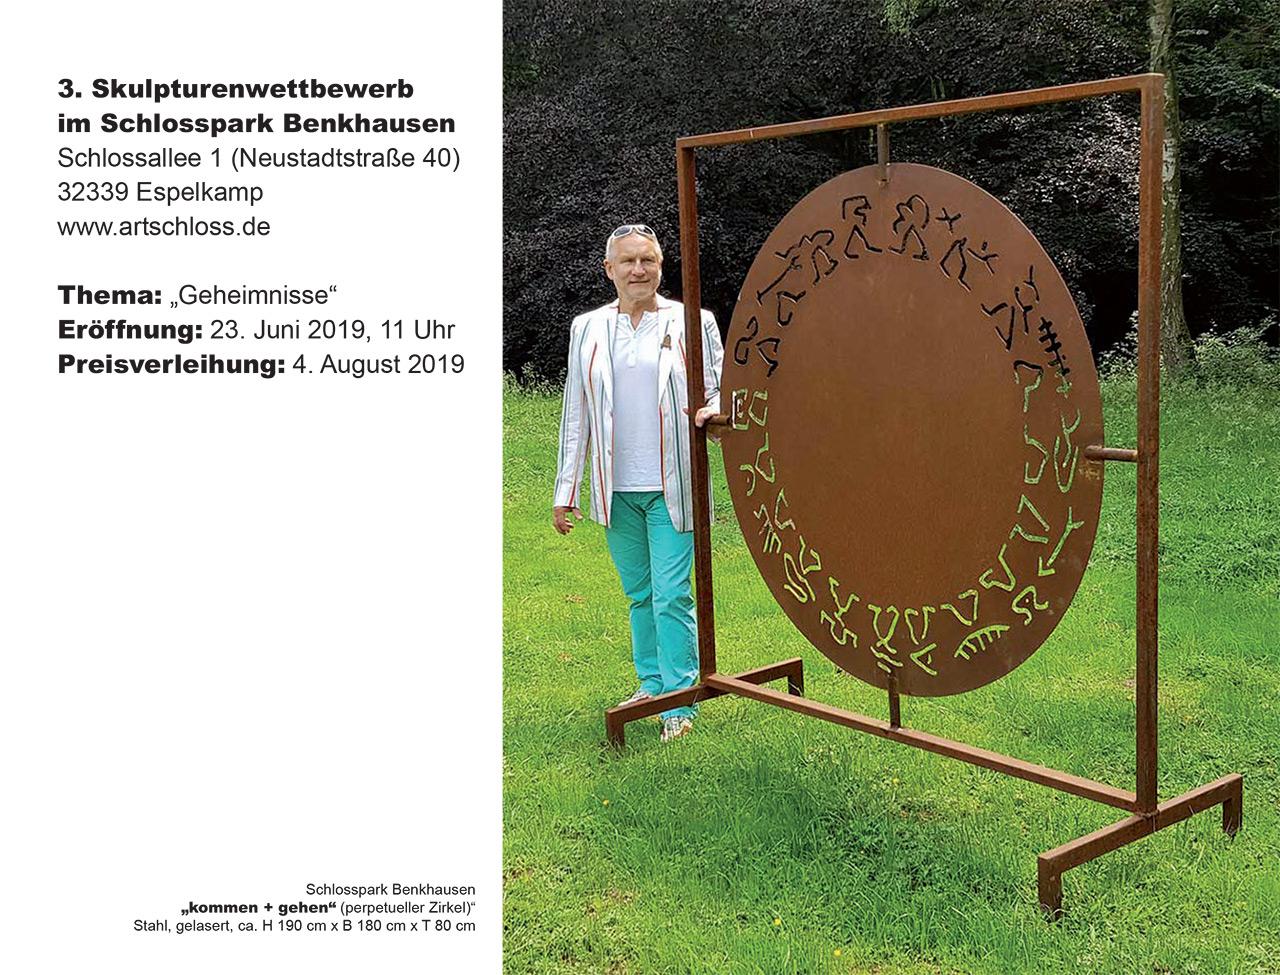 3. Skulpturenwettbewerb im Schlosspark Benkhausen